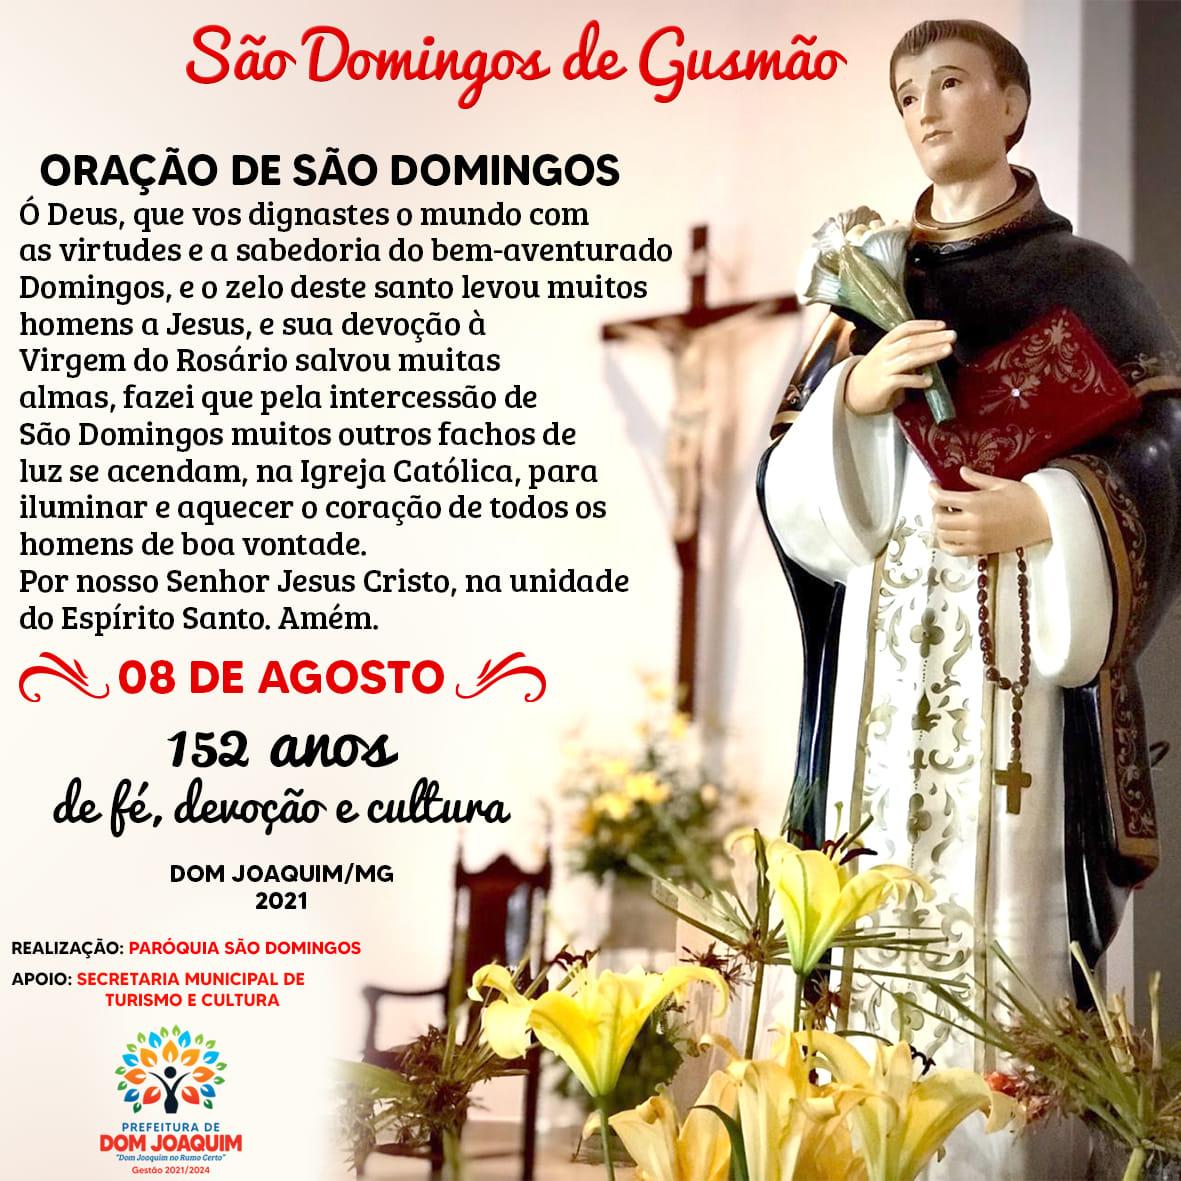 08 de Agosto dia de São Domingos de Gusmão